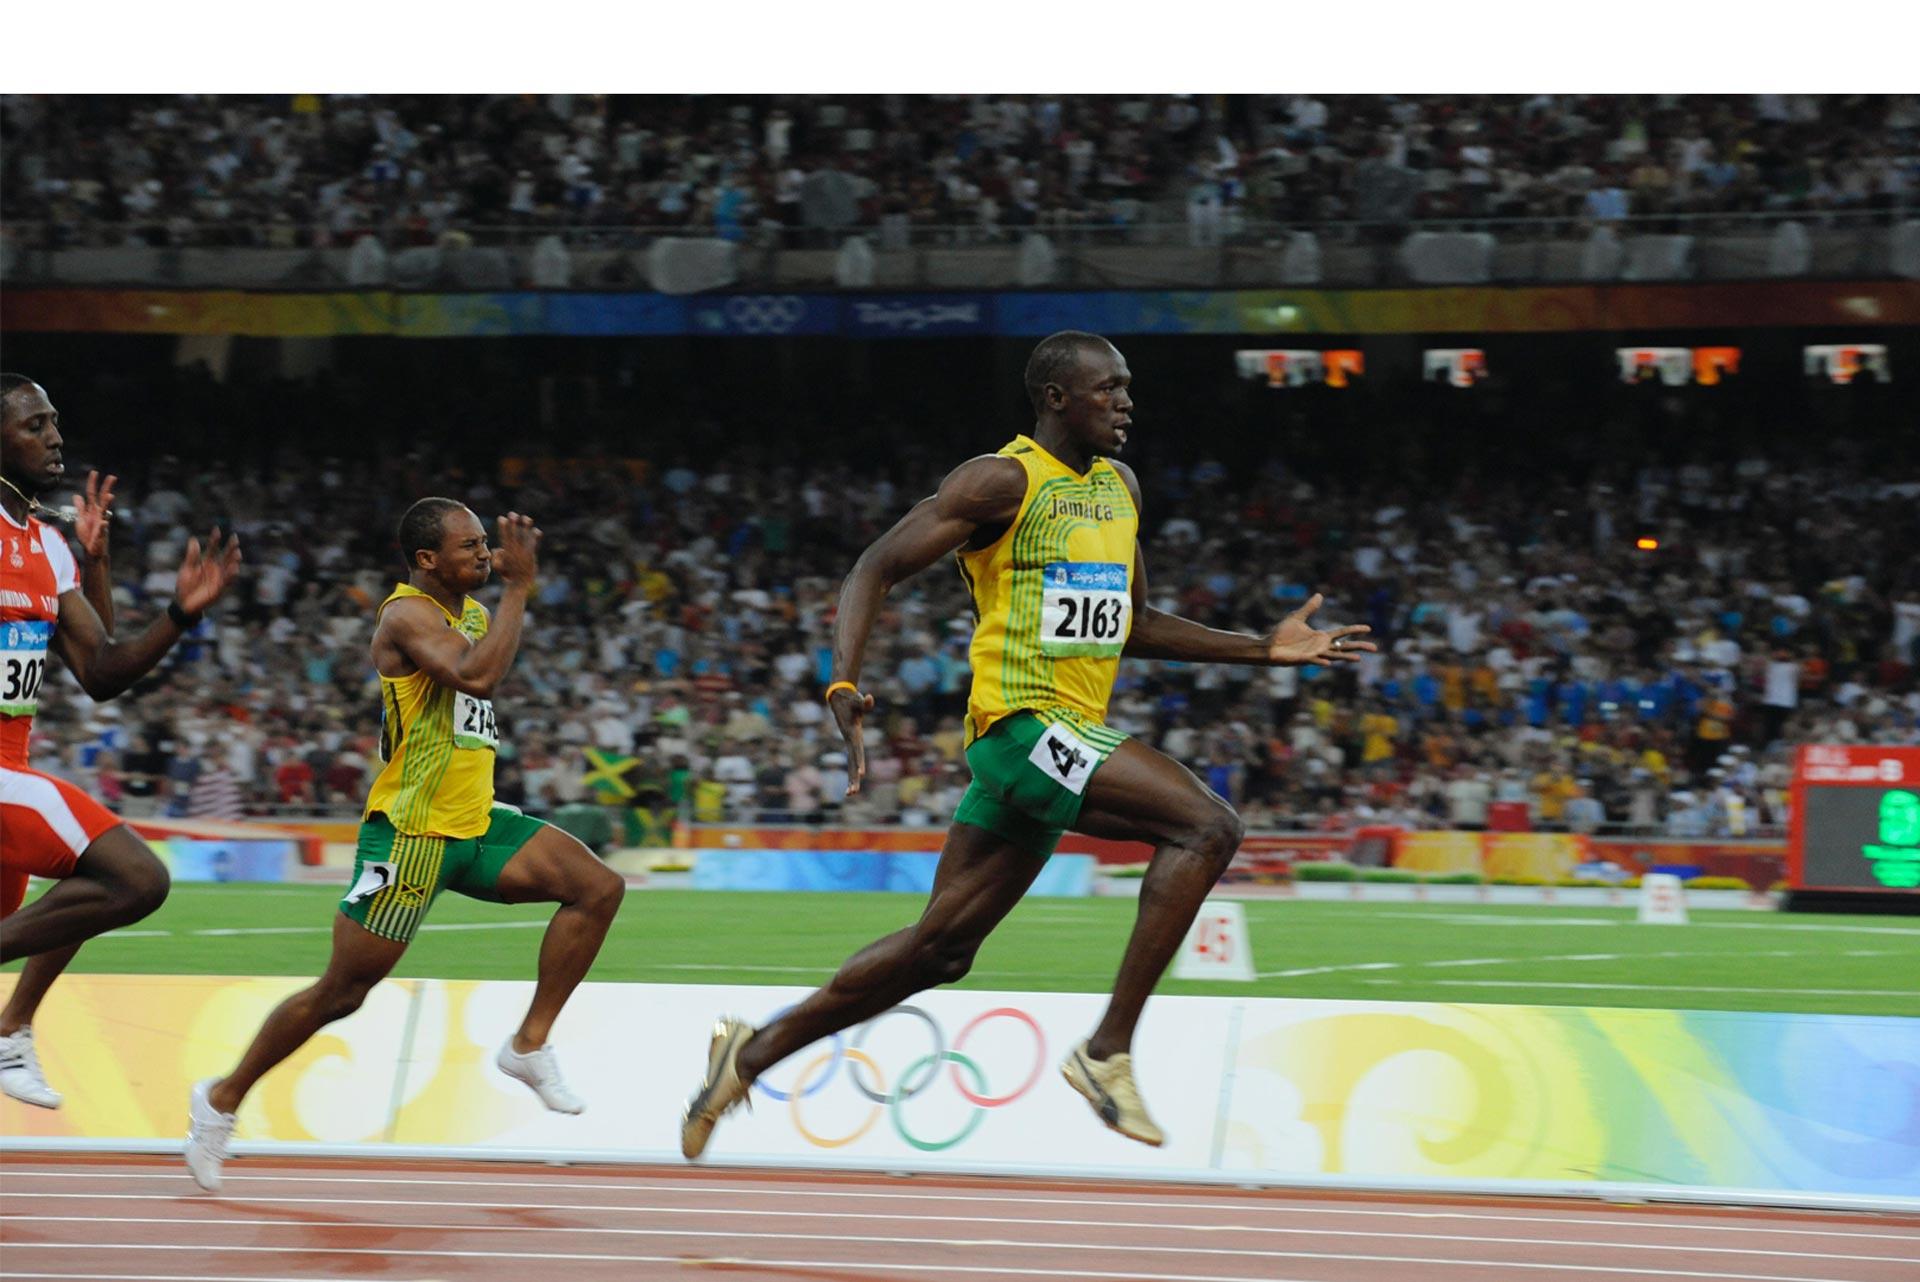 El atelta de 29 años correrá en la Diamond League del 22 y 23 de julio, en el estadio olímpico de la capital británica